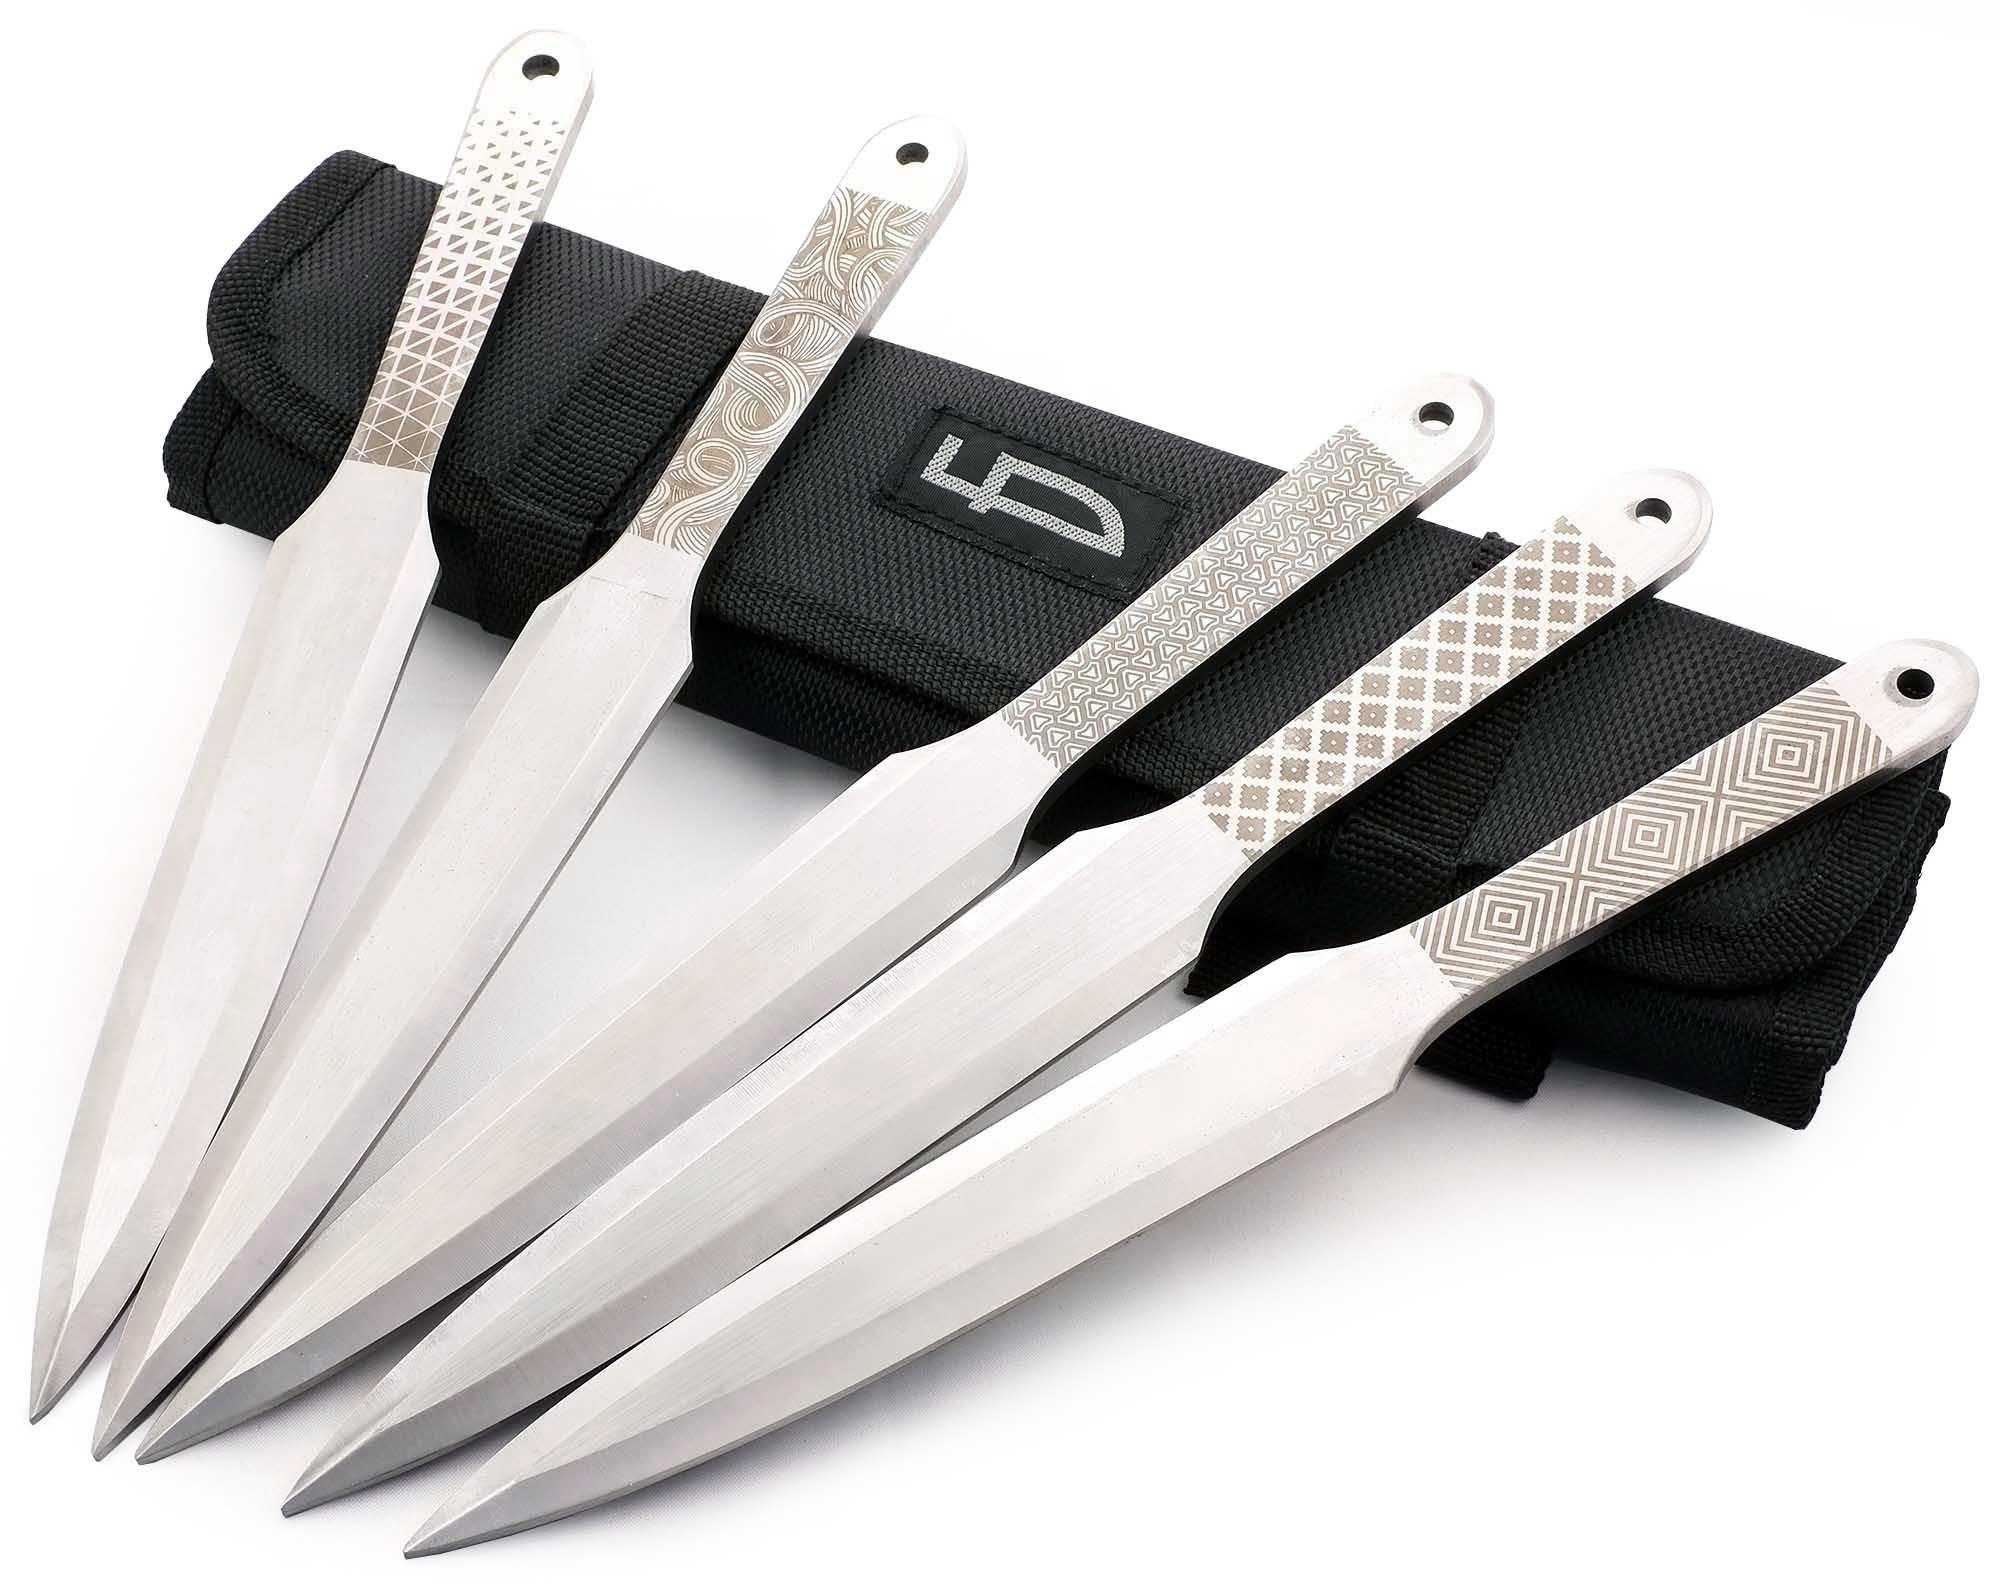 Набор из 5 метательных ножей Орнамент, M-132SU набор из 5 ножей adamo